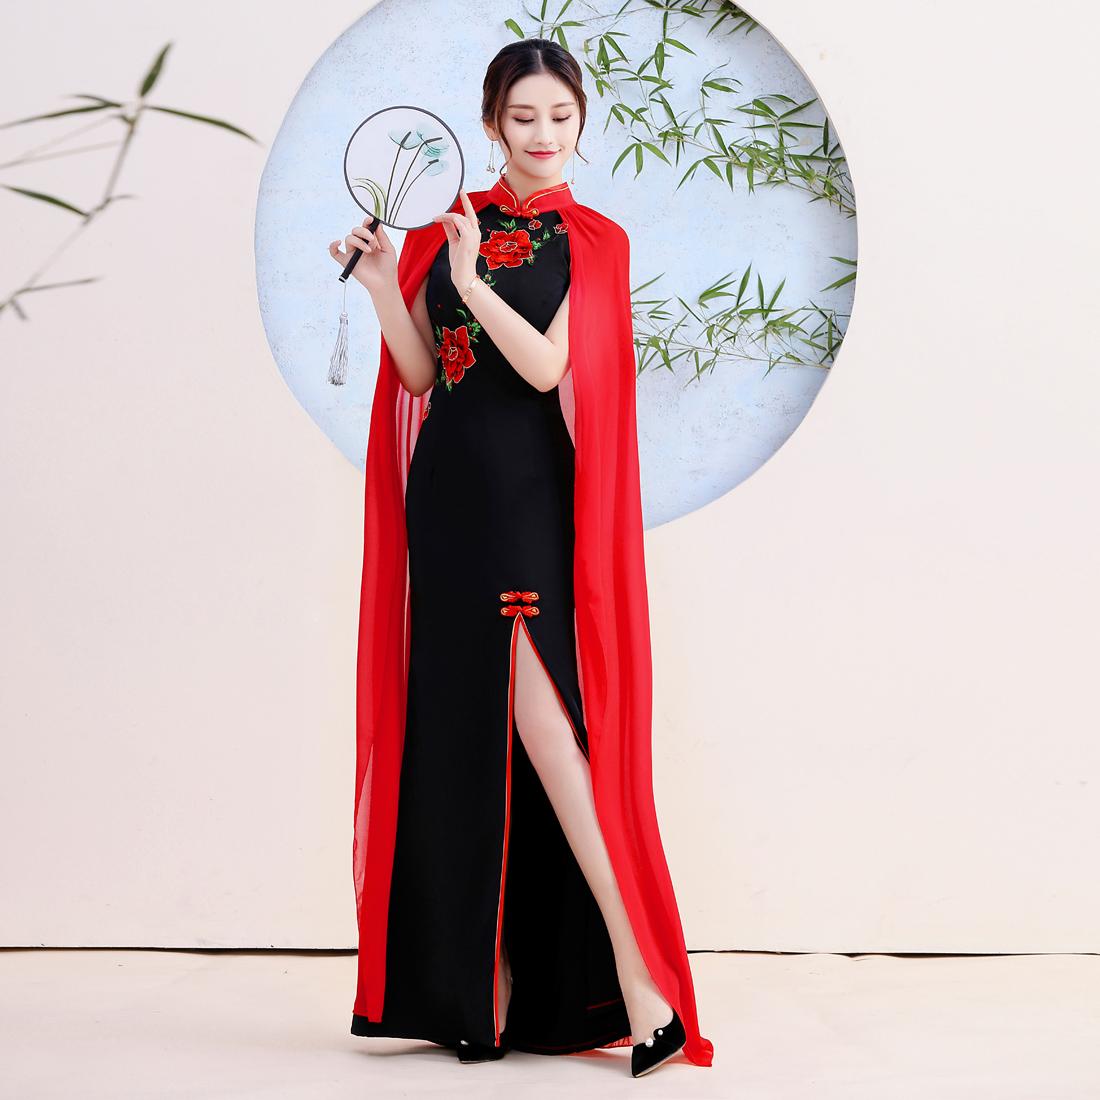 时装版新式走秀旗袍改良版连衣裙女年轻长款优雅中国风礼服演出服(非品牌)